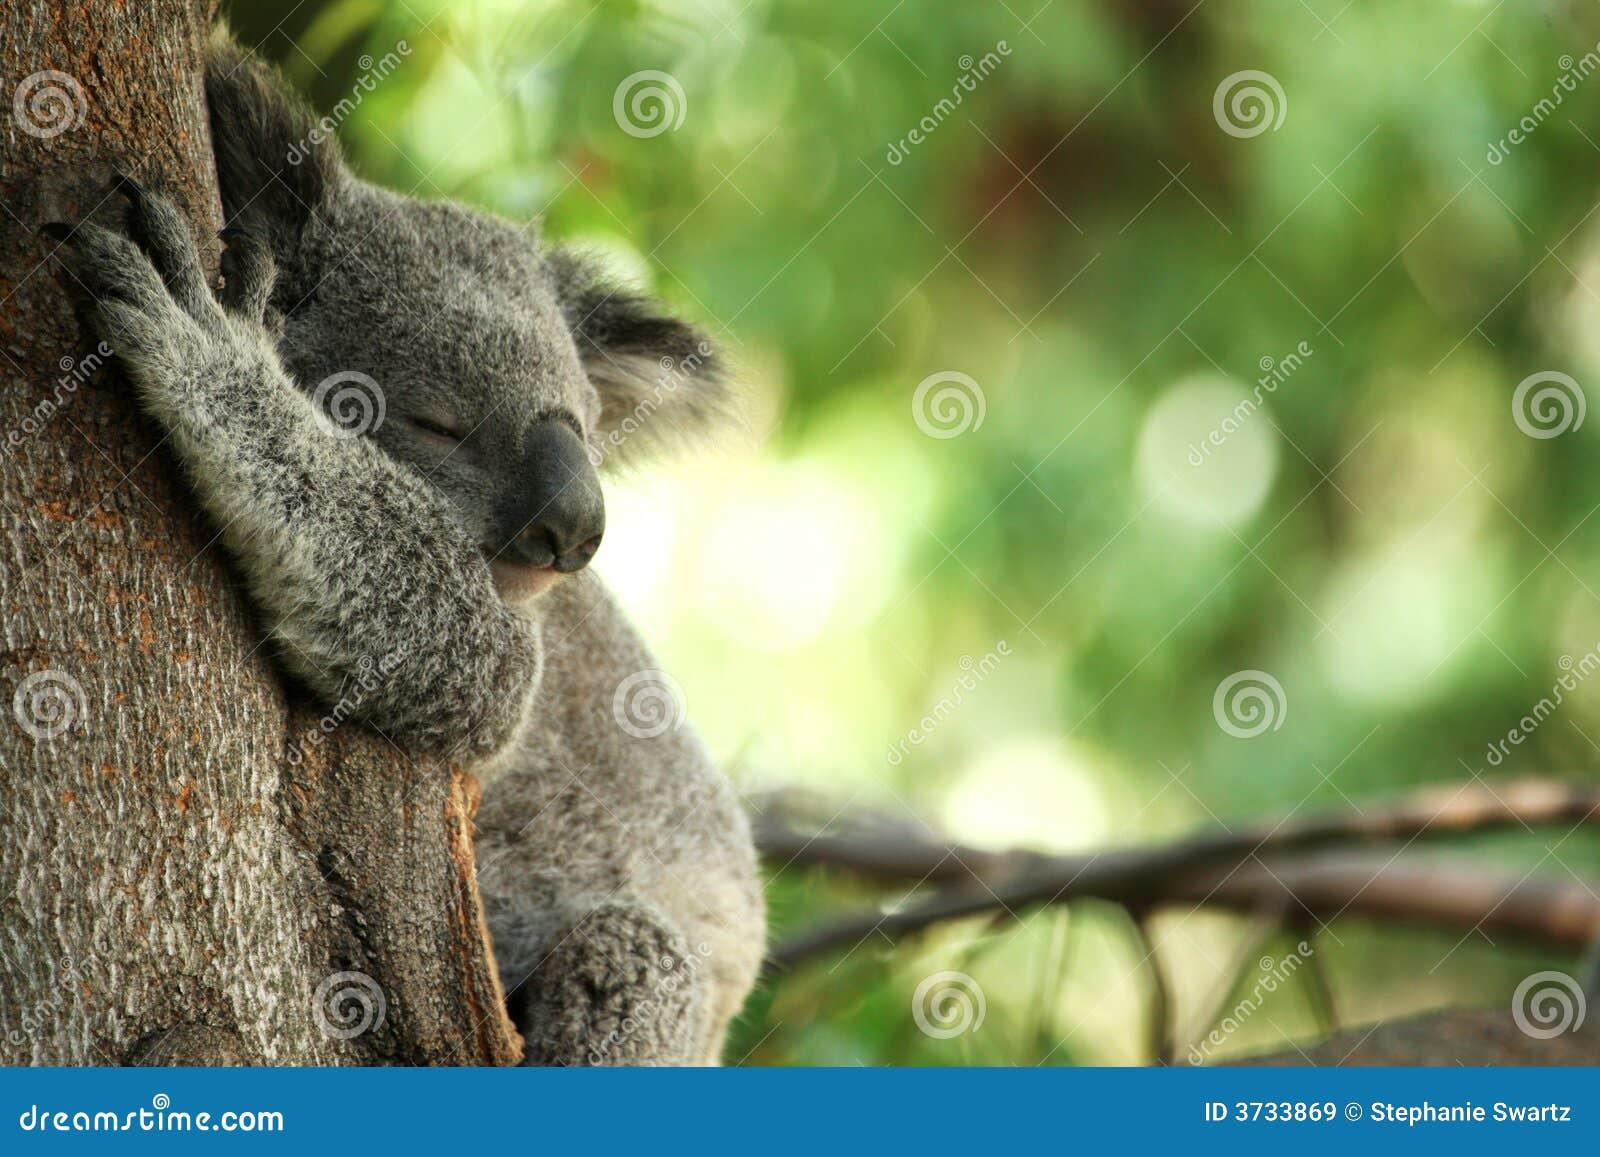 Koala Bear sleeping in a tree